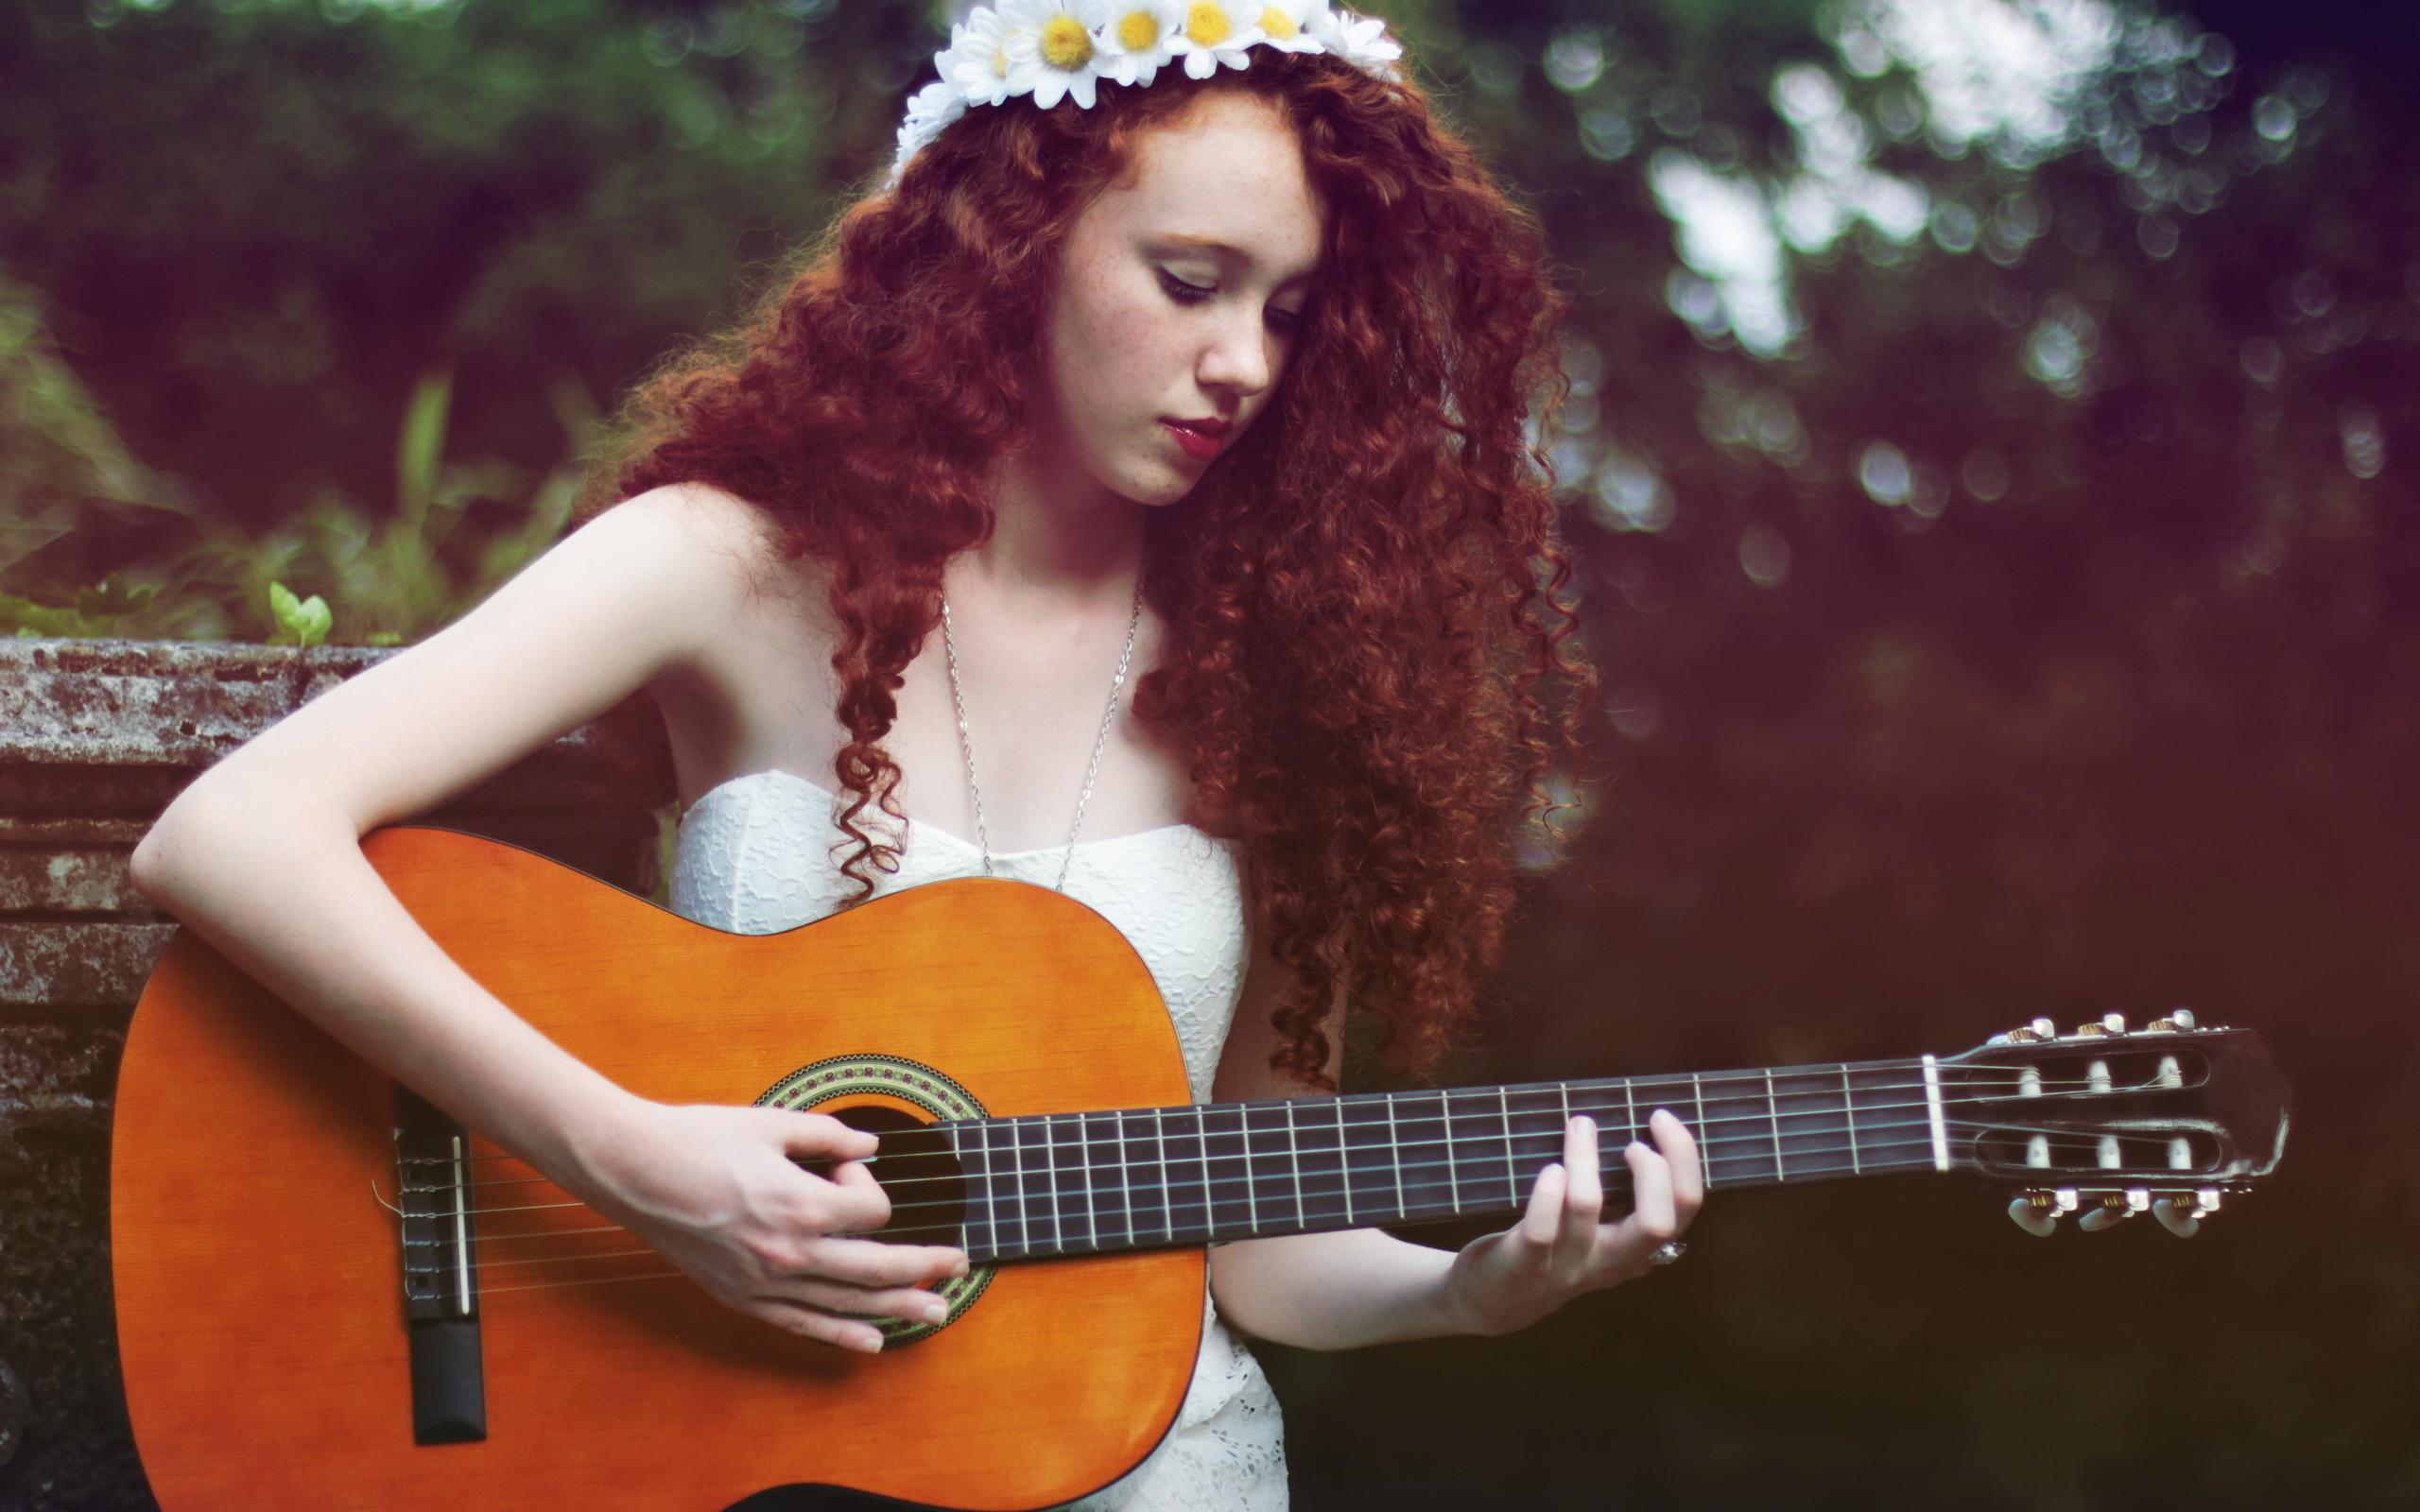 девушка, играет на гитаре, струны